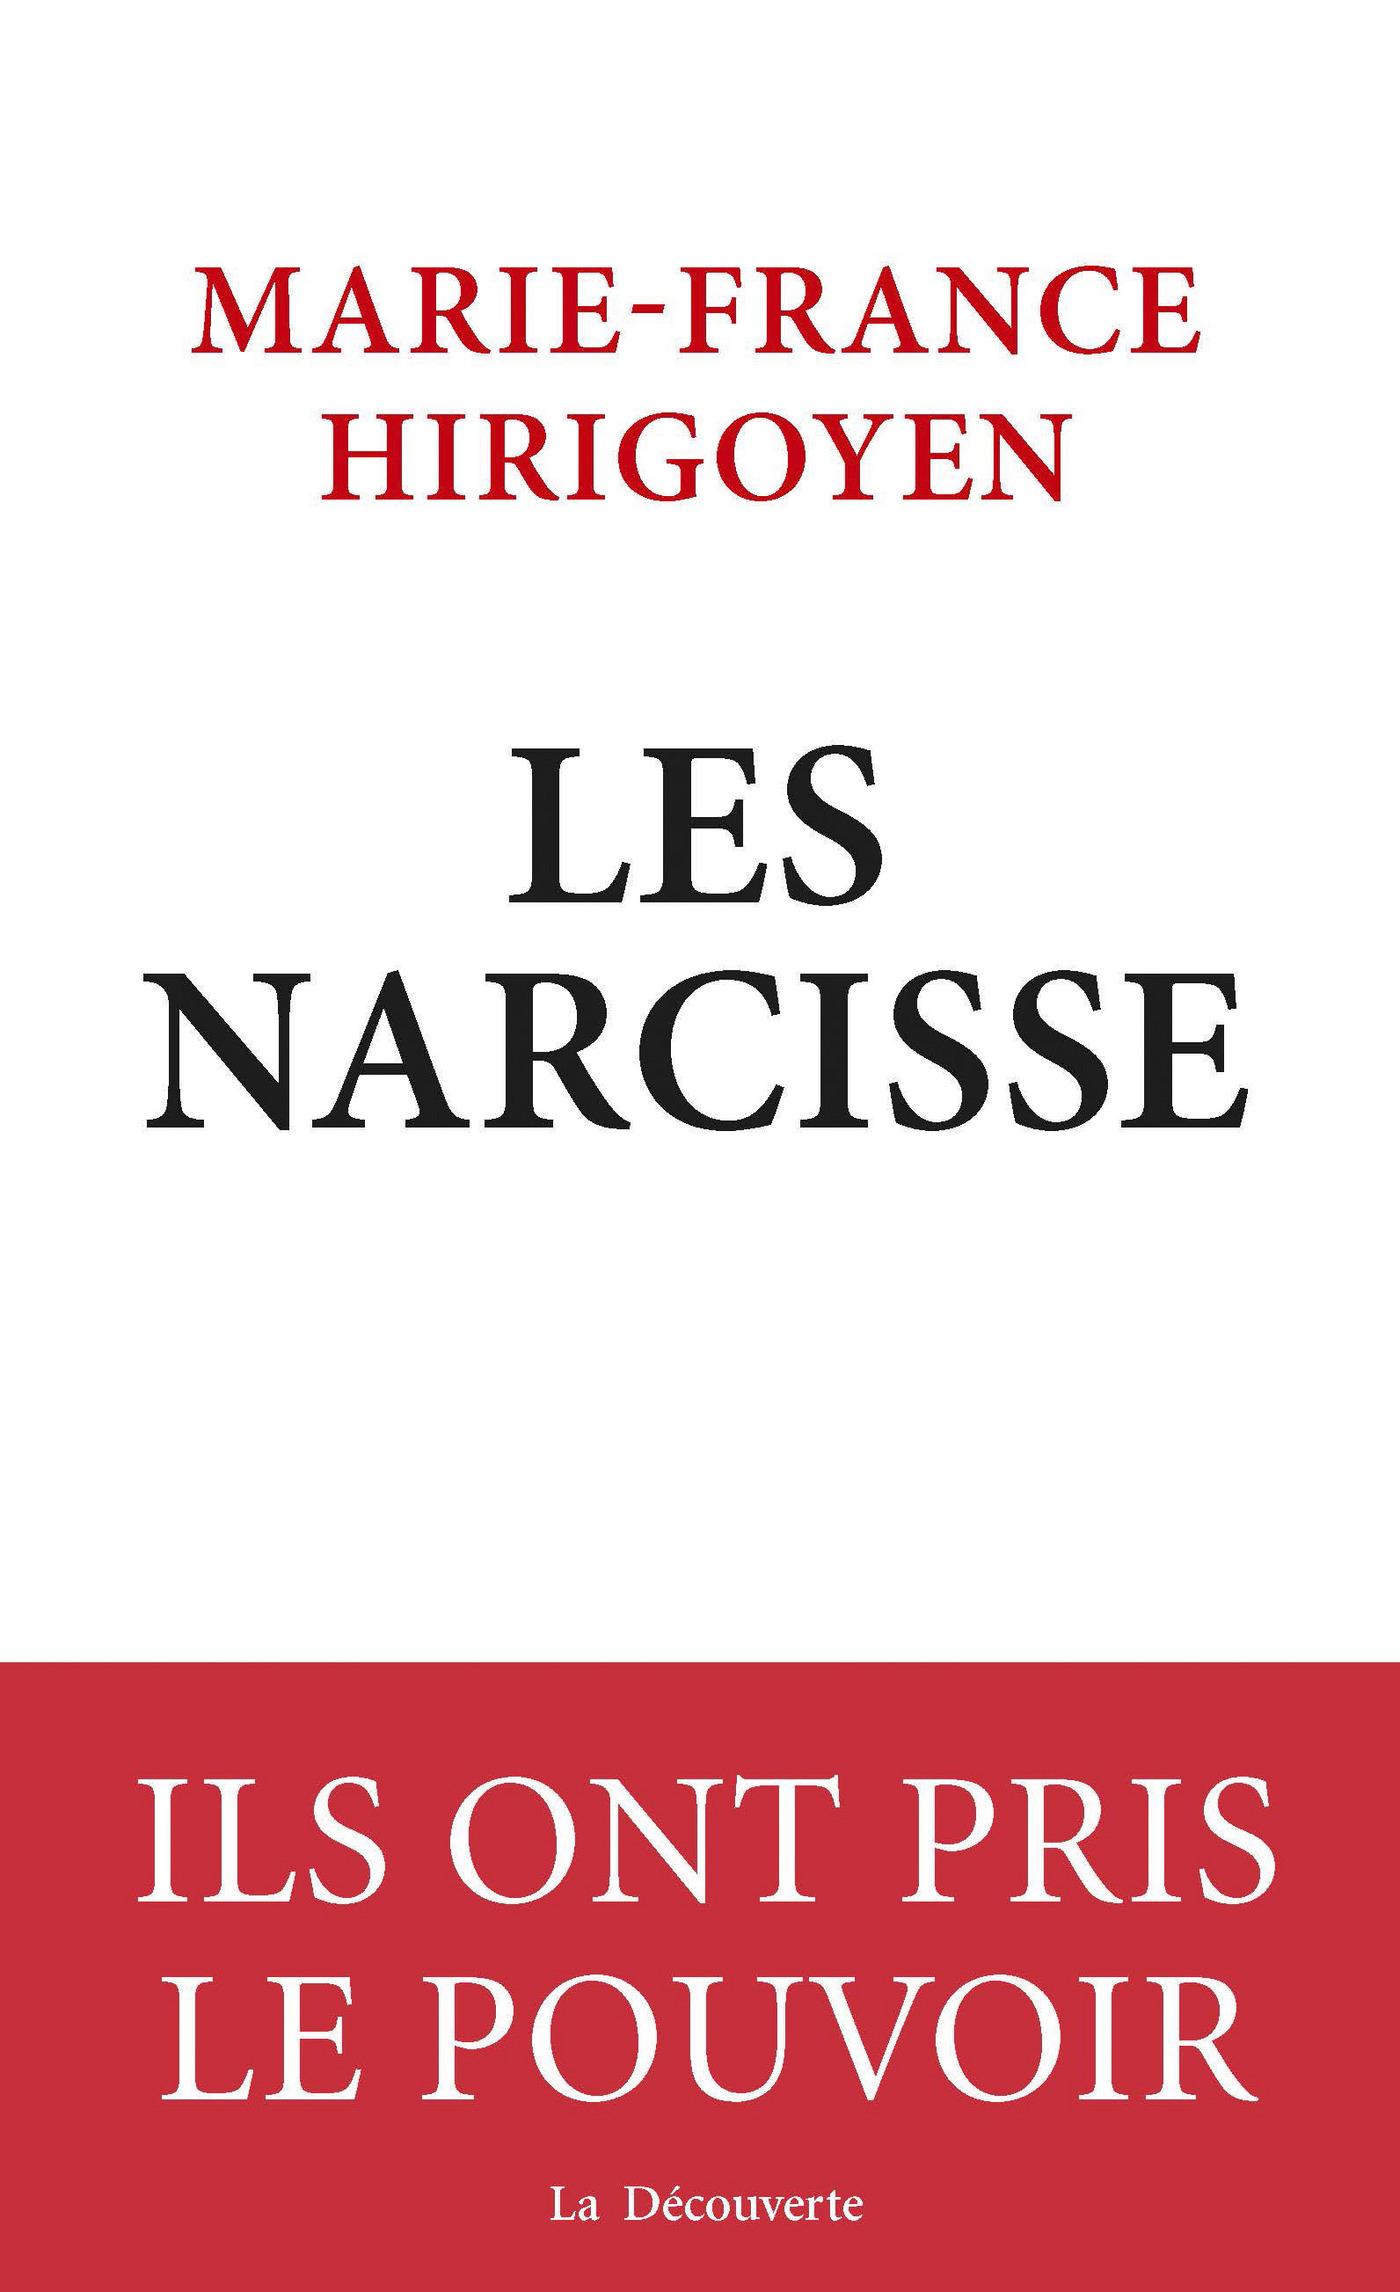 Les Narcisse | HIRIGOYEN, Marie-France